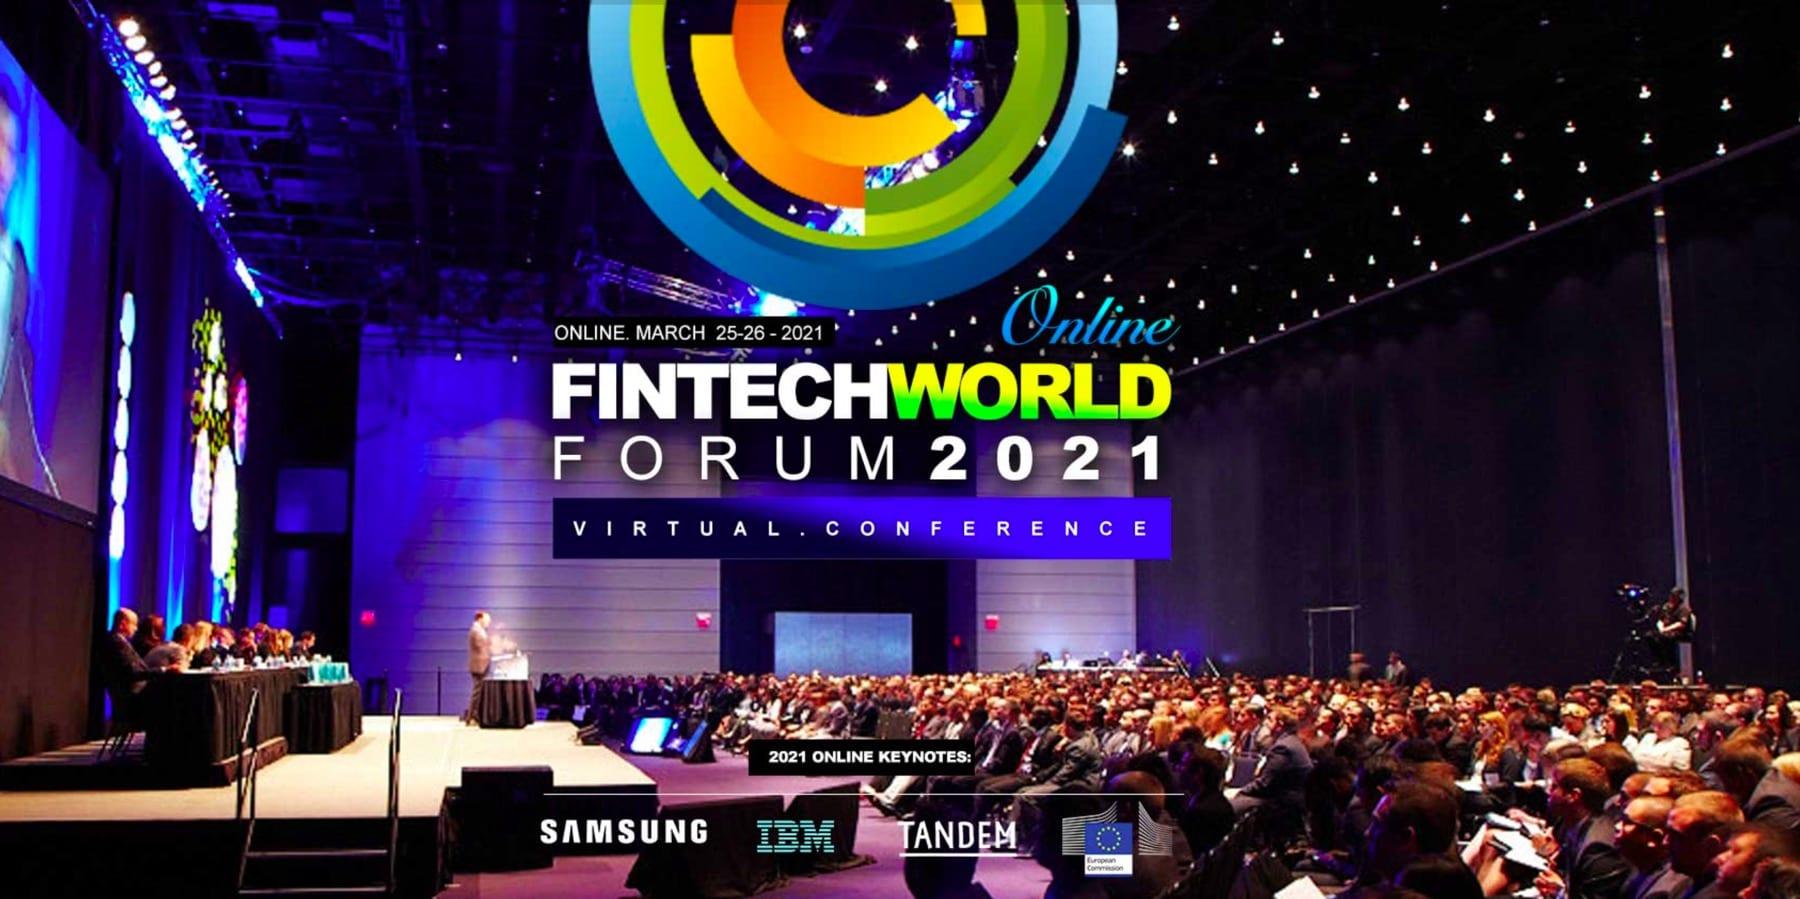 Fintech World Forum 2021